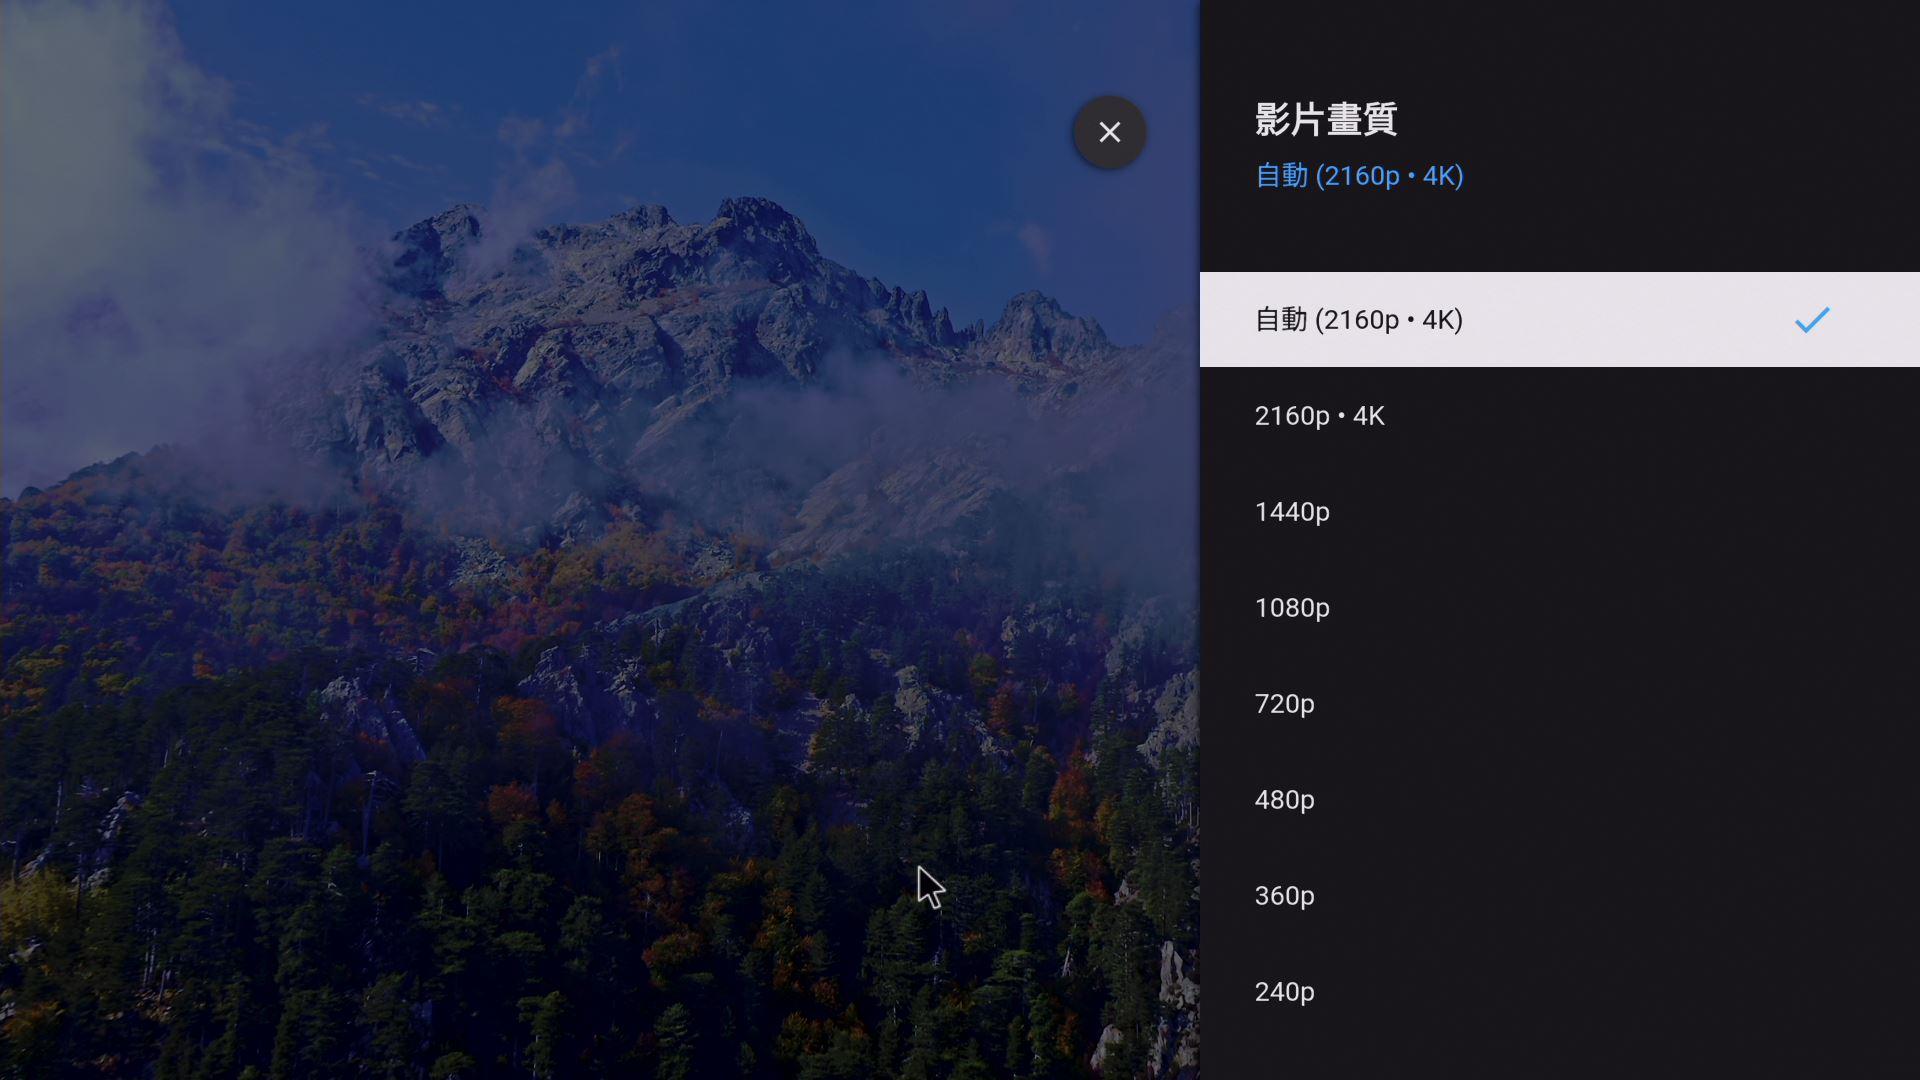 雷爵RockTek G1 4K HDR電視盒-無痛升級Google授權Android TV系統,語音助理免動手 - 92